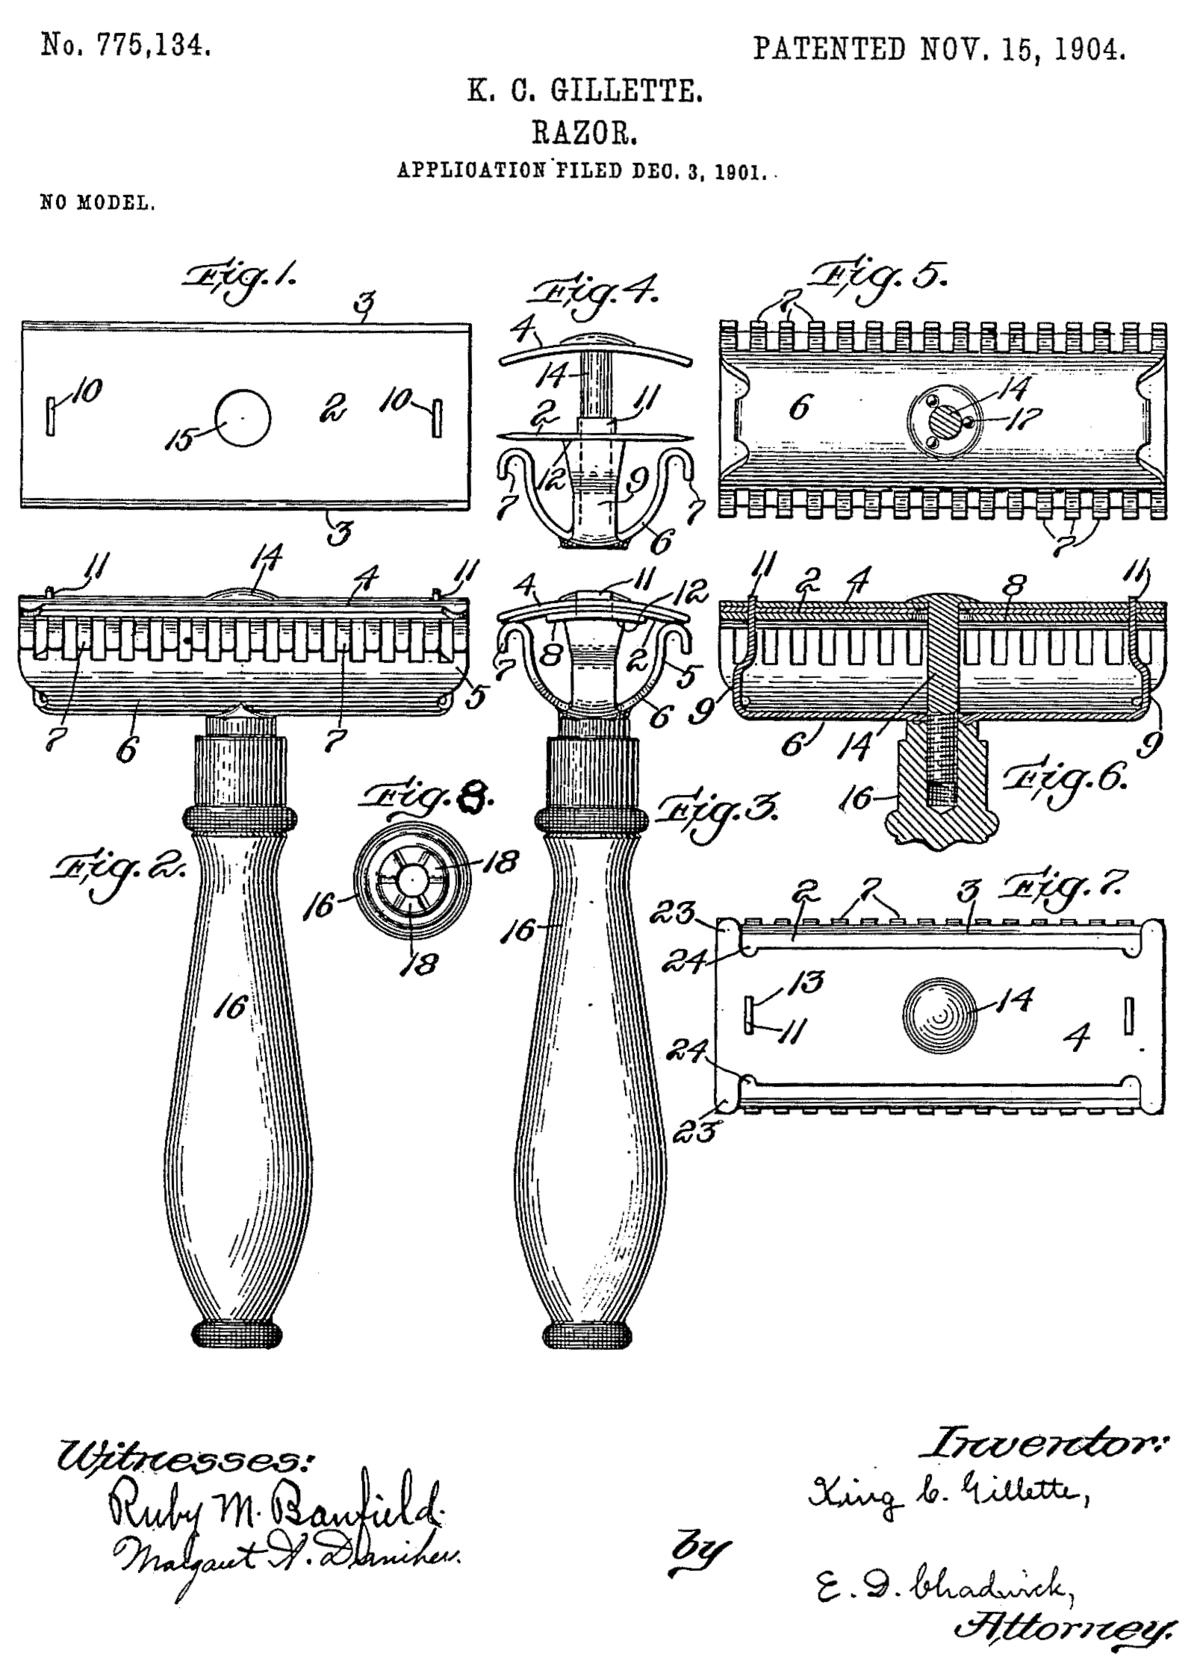 Gillette razor patent.png